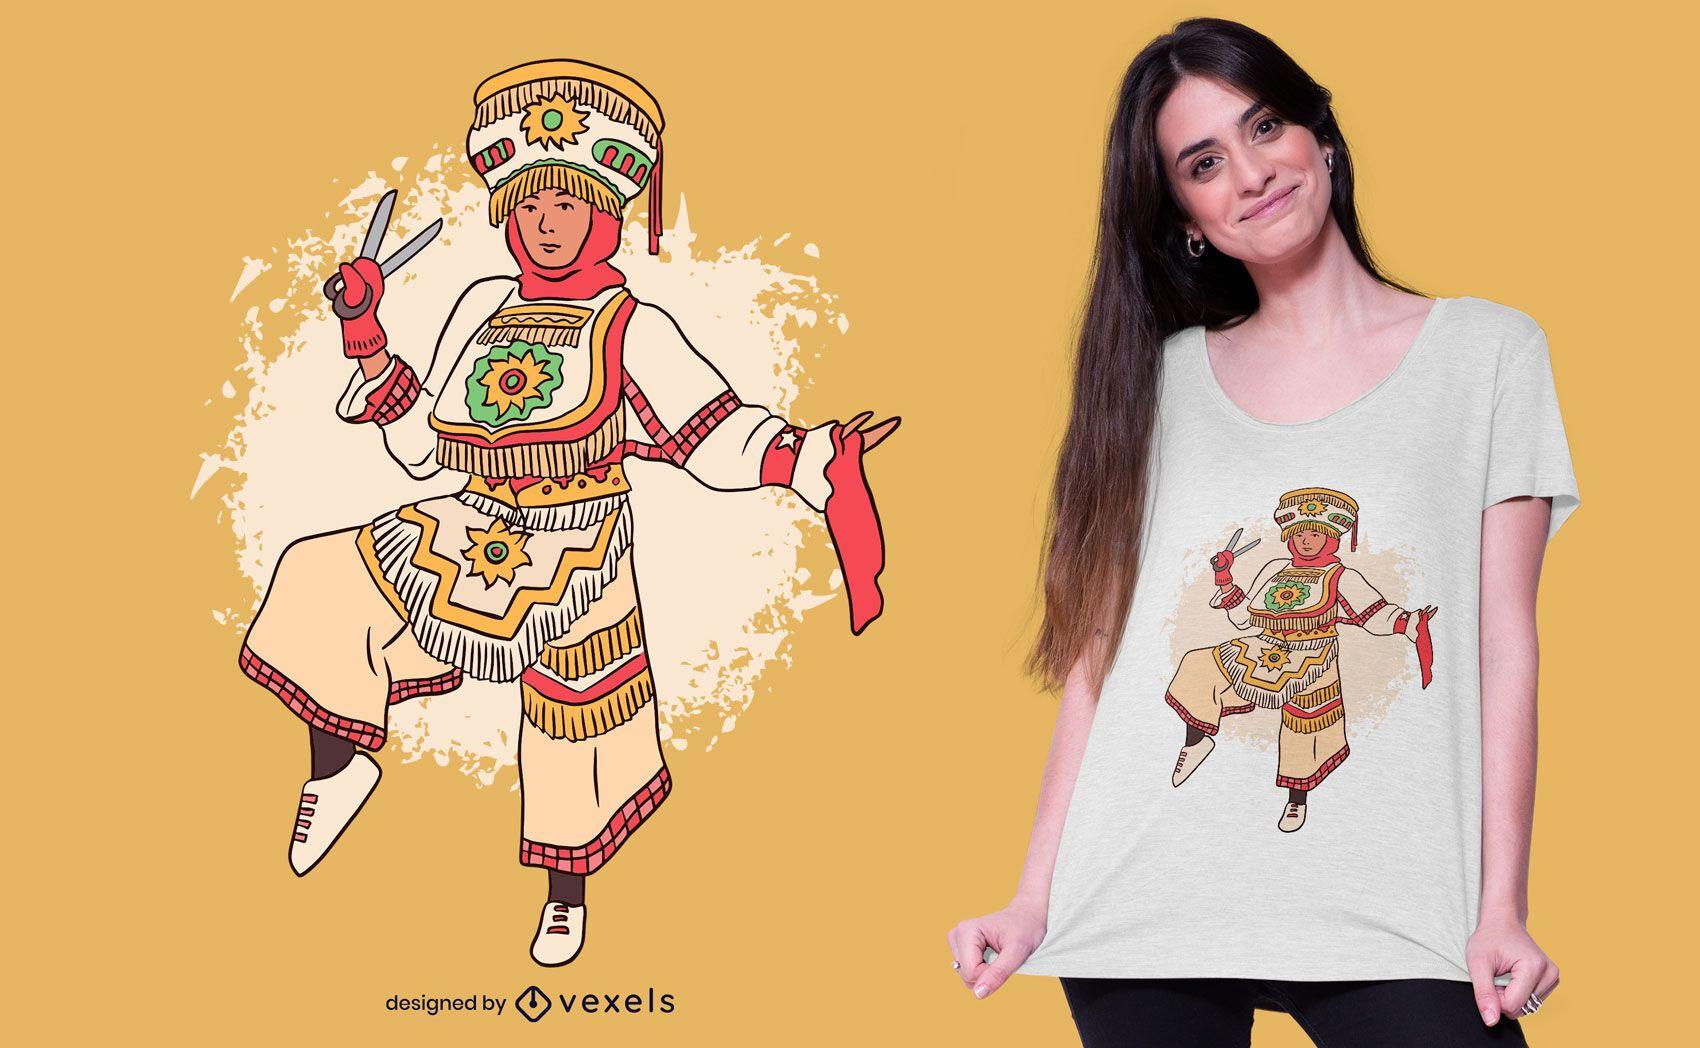 Dise?o de camiseta de bailarina de tijera peruana.